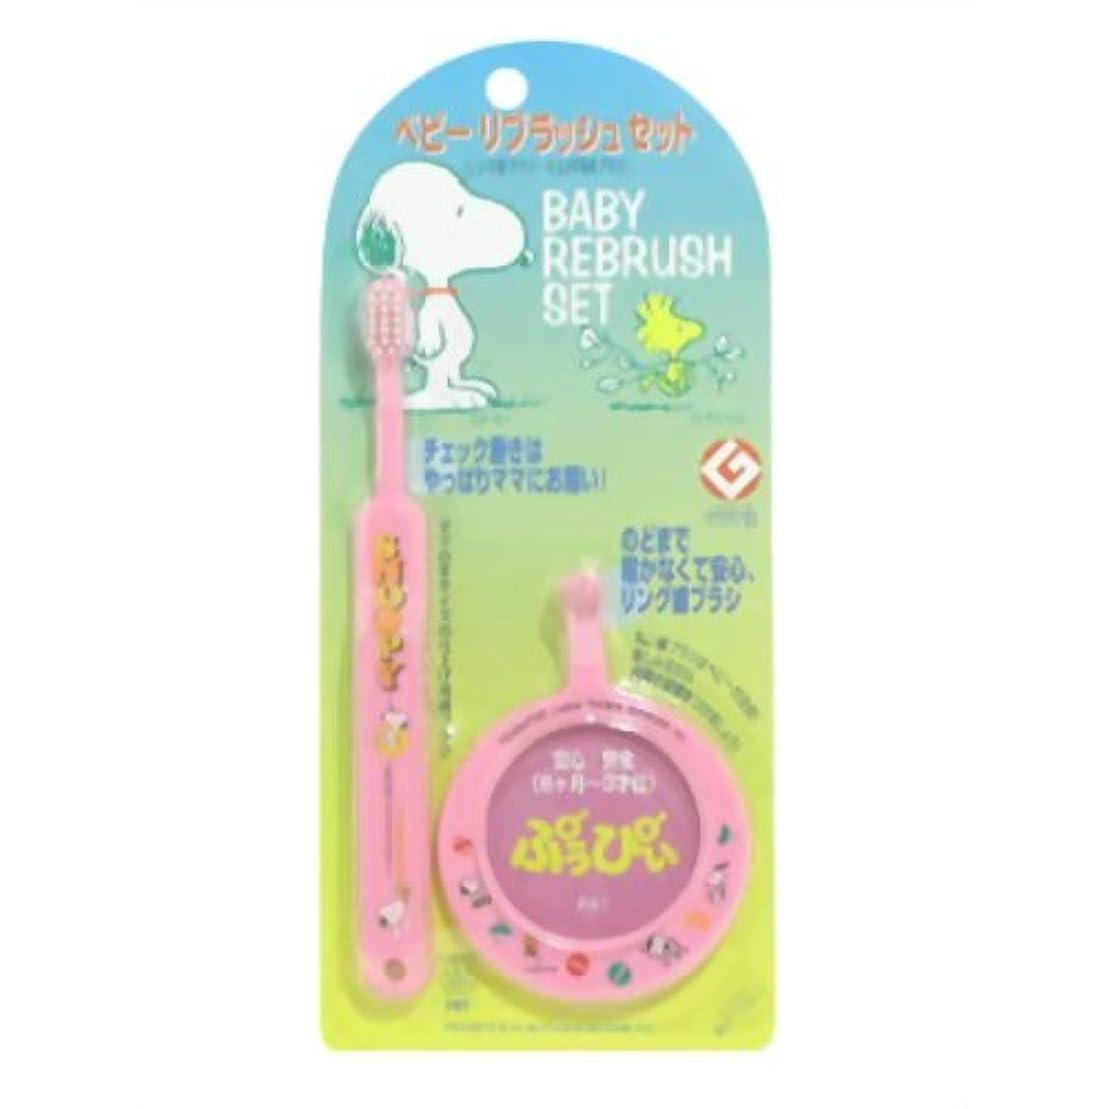 明るくする振る舞い物理的にベビー リブラッシュセット ピンク